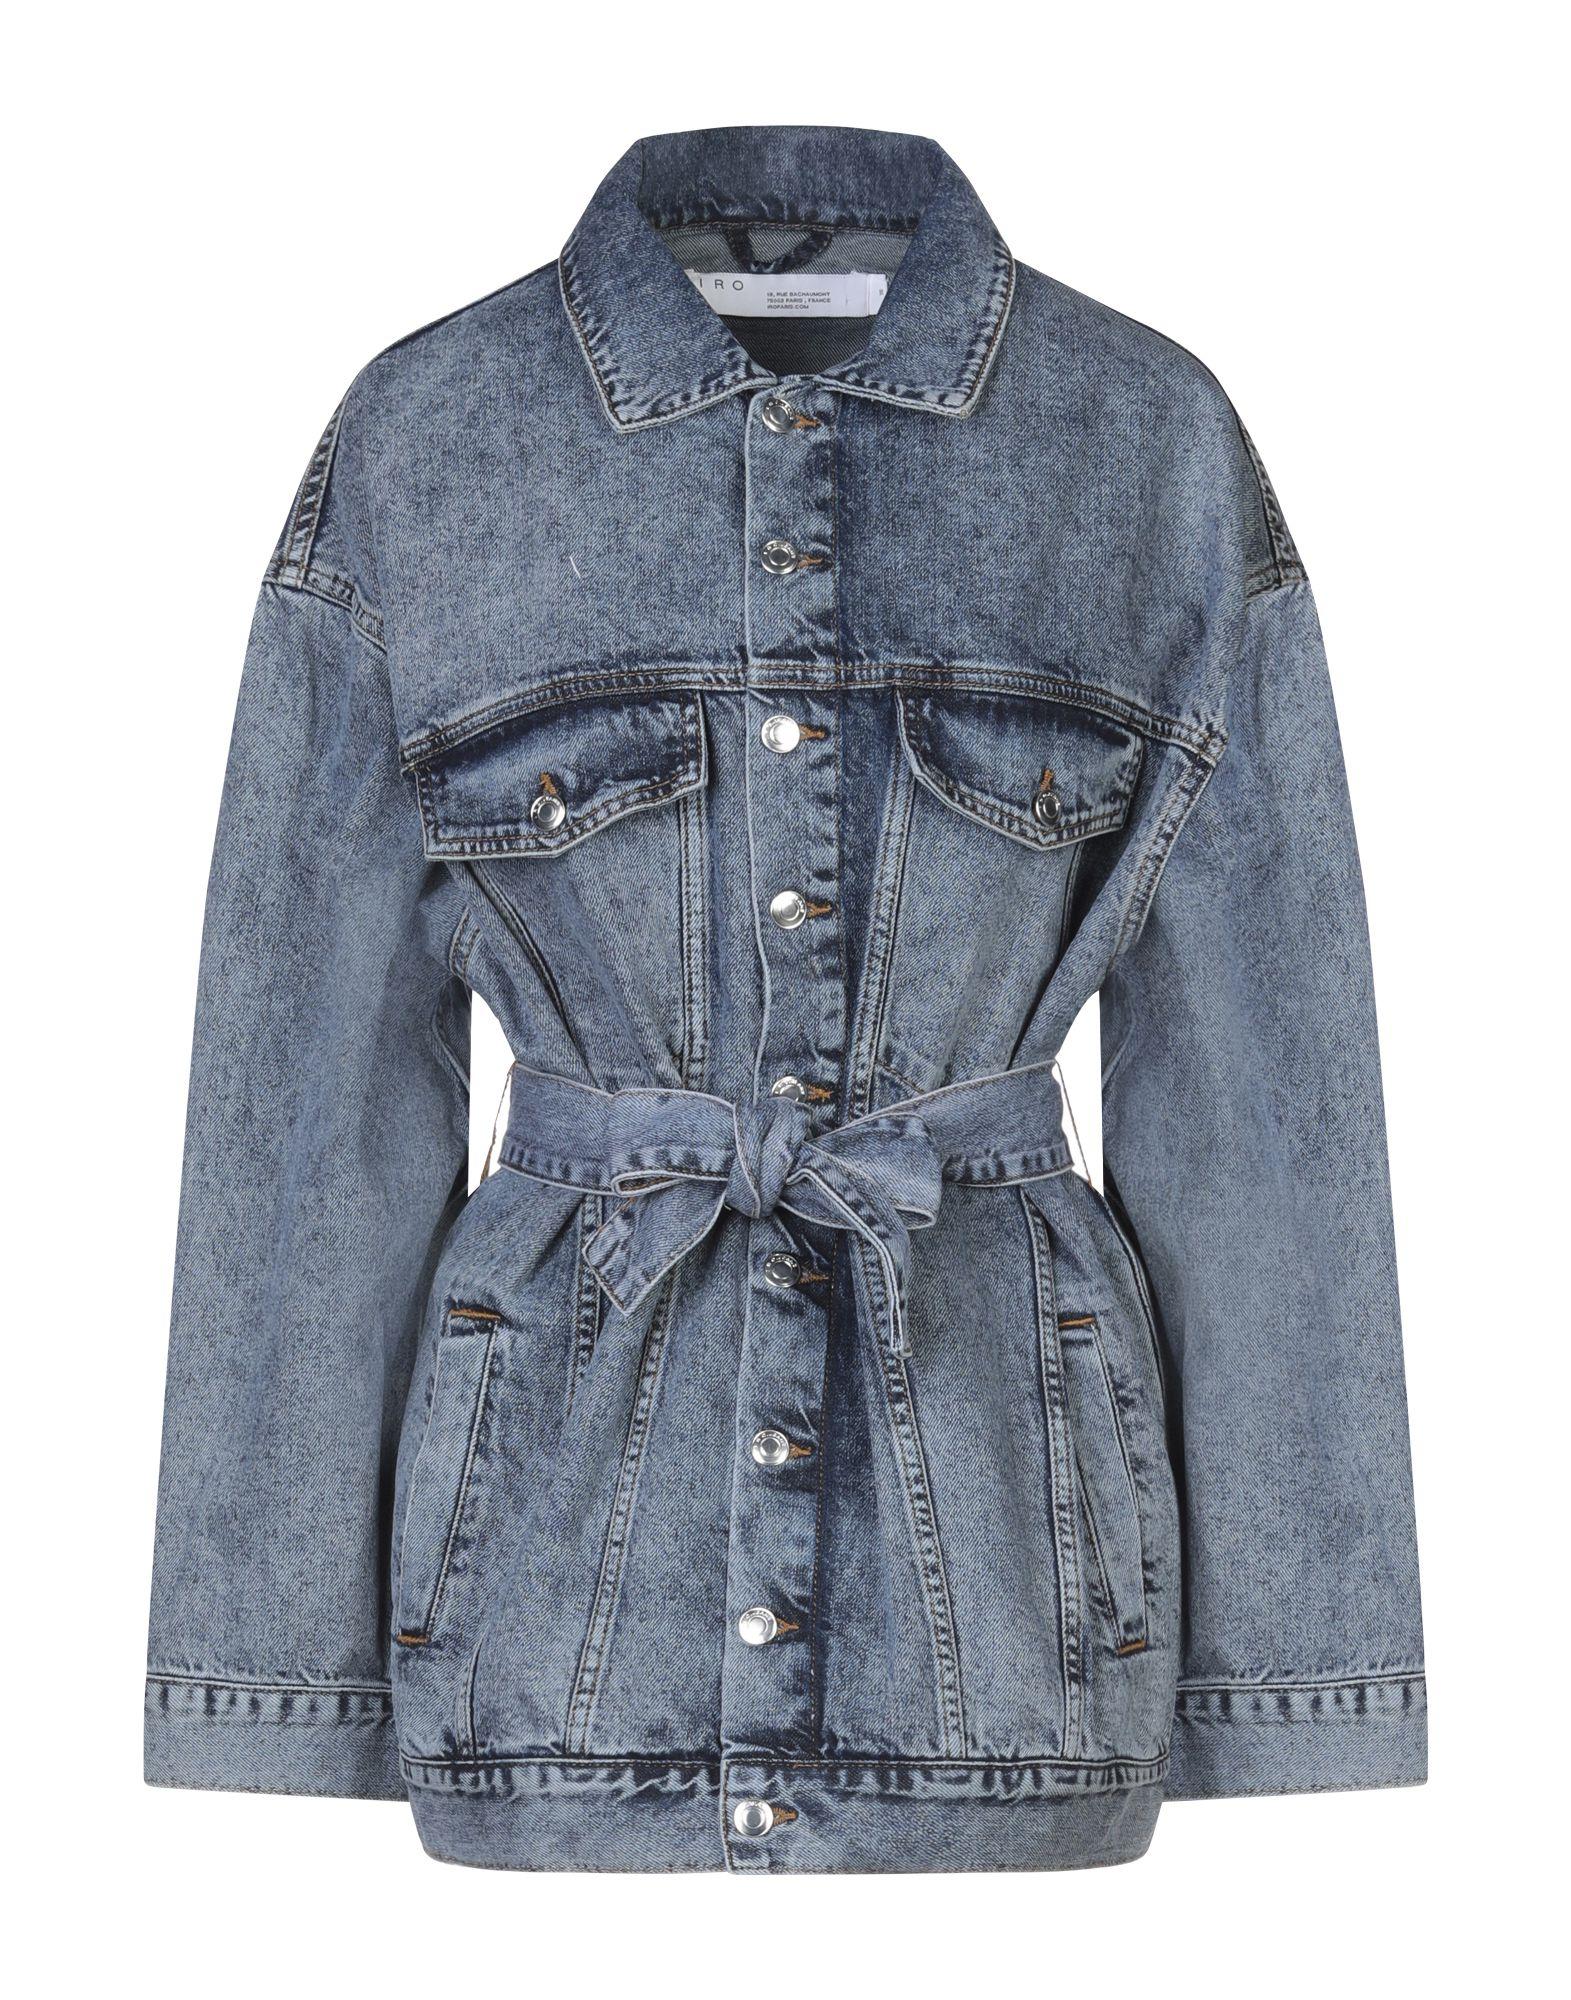 IRO Джинсовая верхняя одежда yeezy джинсовая верхняя одежда